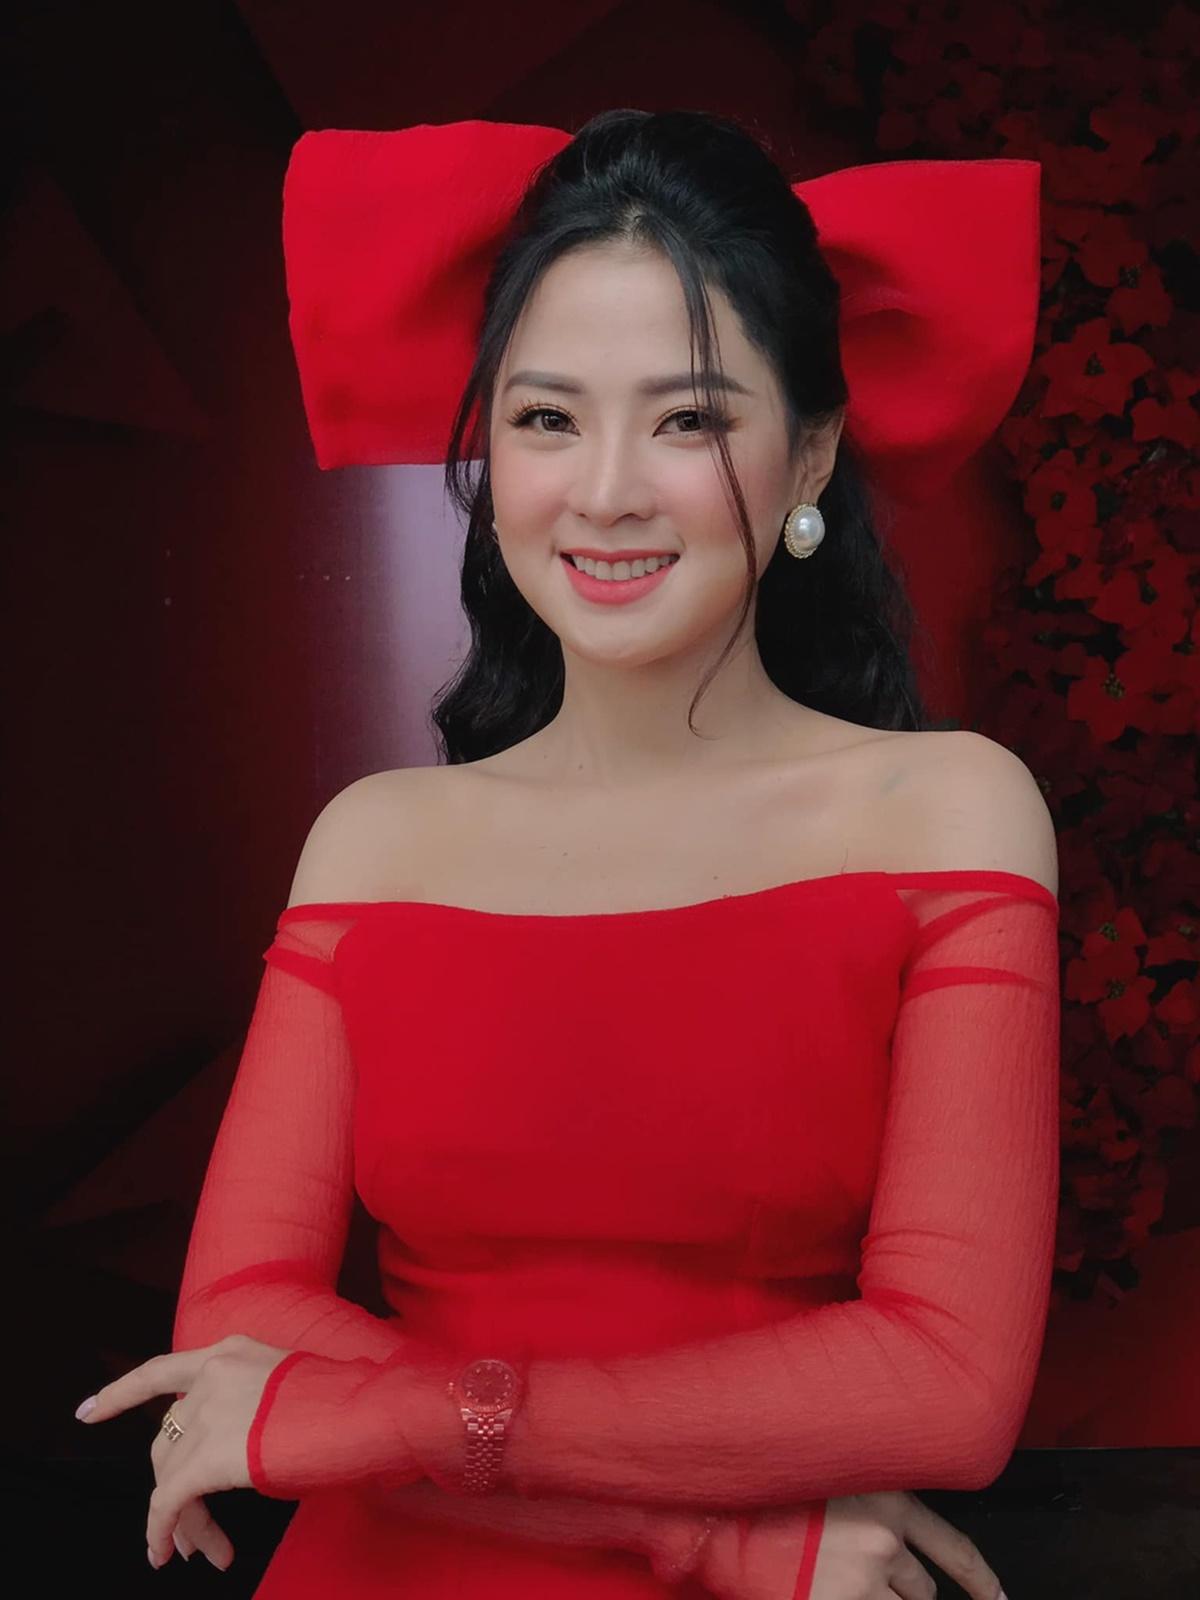 Trước khi yêu Thiên Hương, Minh Luân từng yêu Hồ Bích Trâm, Ninh Dương Lan Ngọc, Dương Cẩm Lynh. Ngoài công việc diễn viên, anh hợp tác với NSND Hồng Vân, mở sân khấu kịch Chợ Lớn.